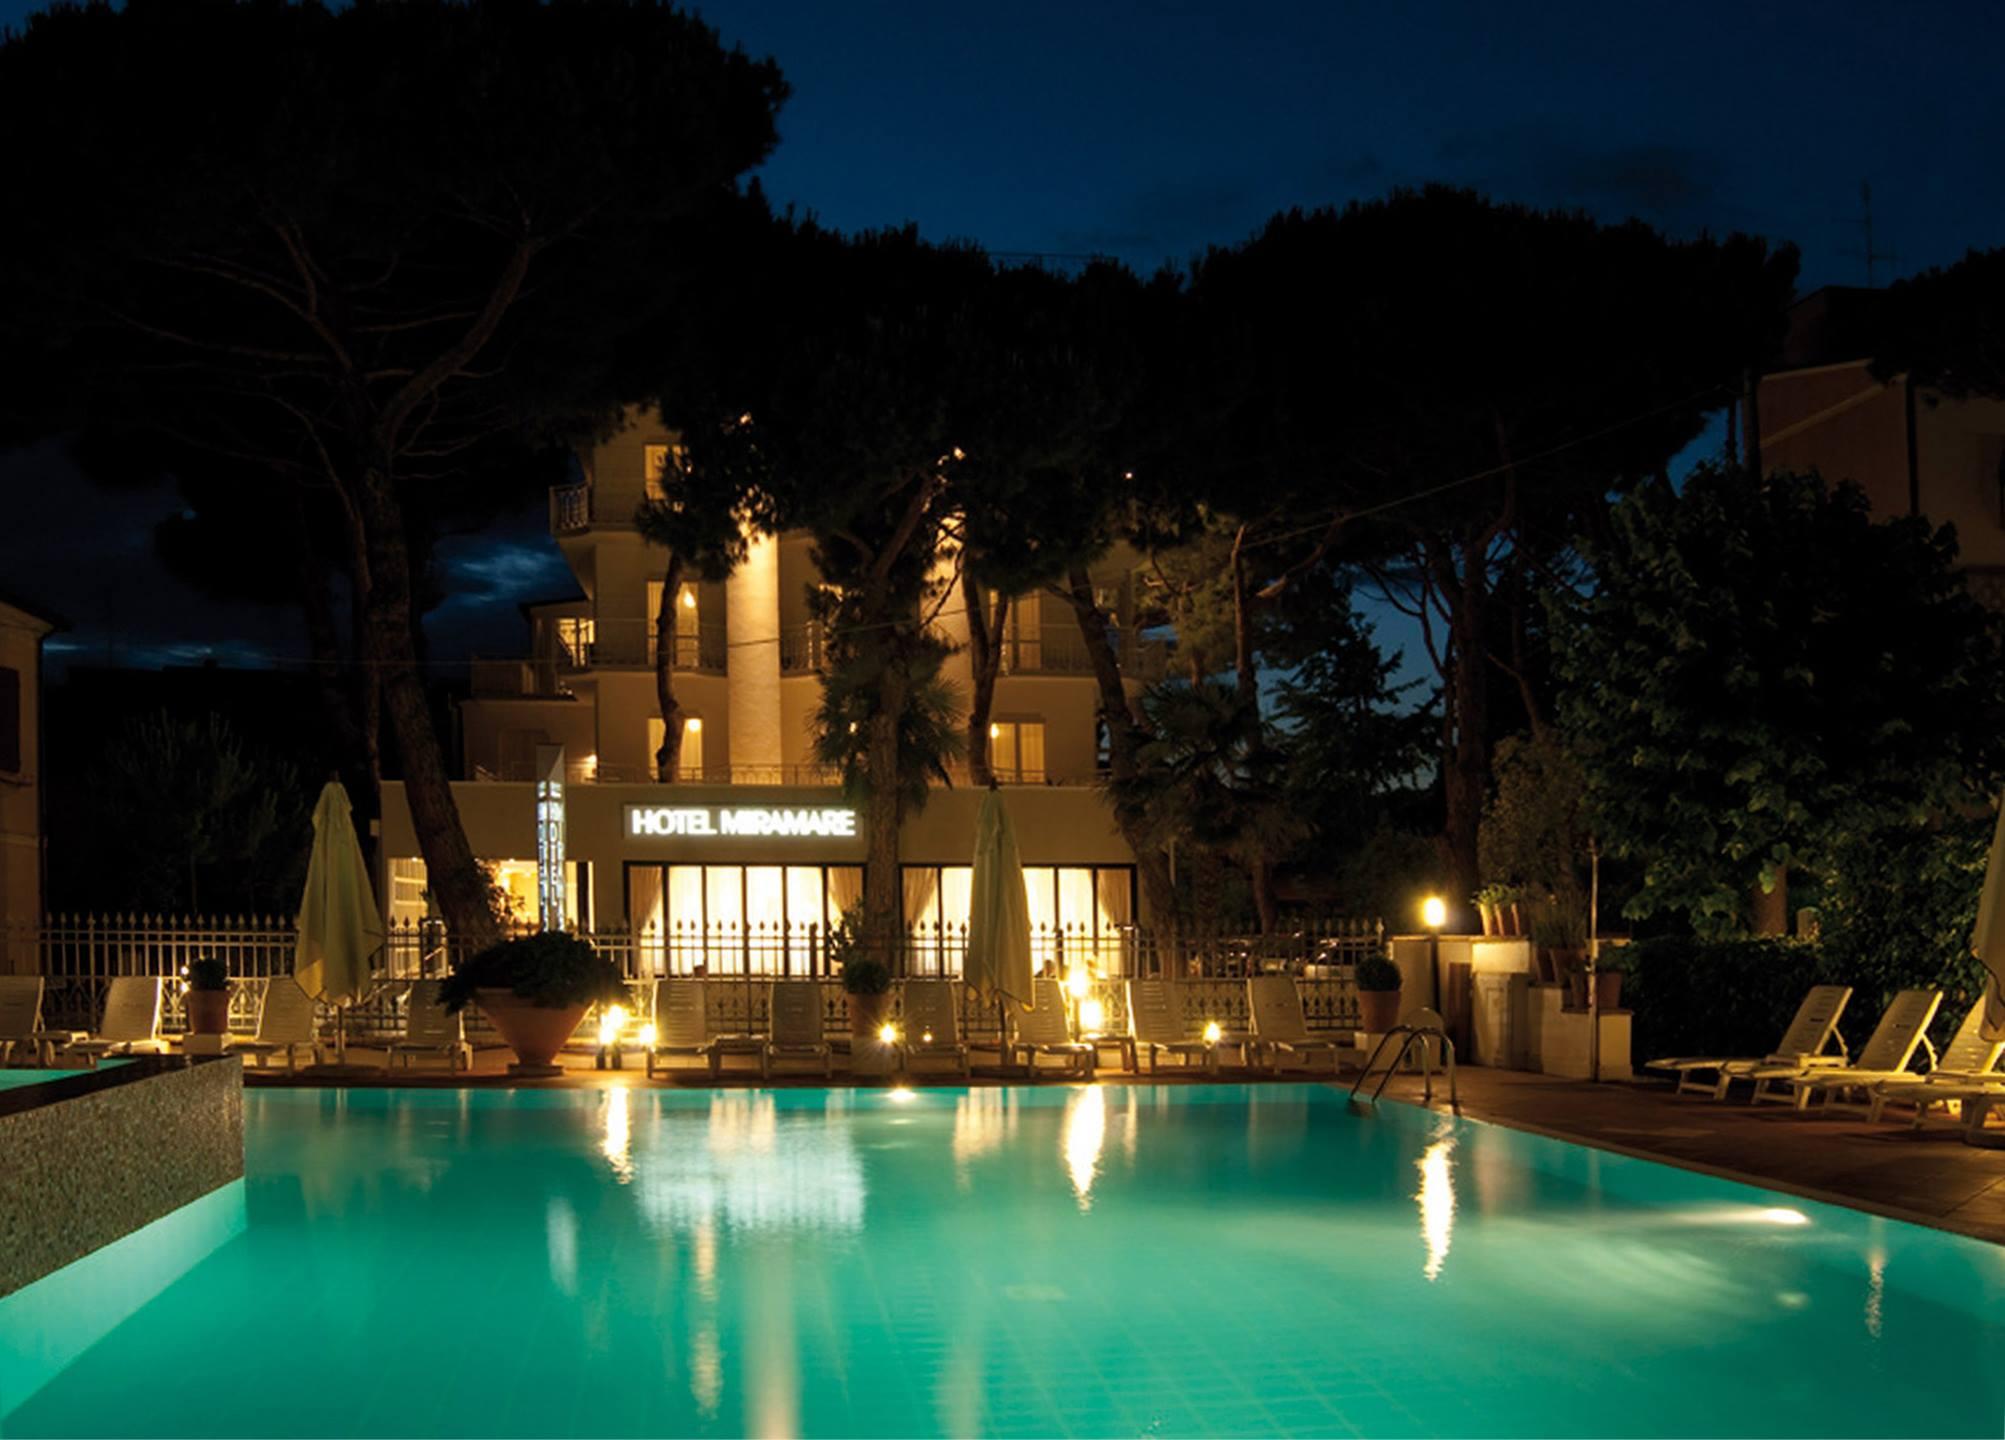 Hotel miramare centro benessere cervia ravenna emilia - Alberghi saturnia con piscina termale ...